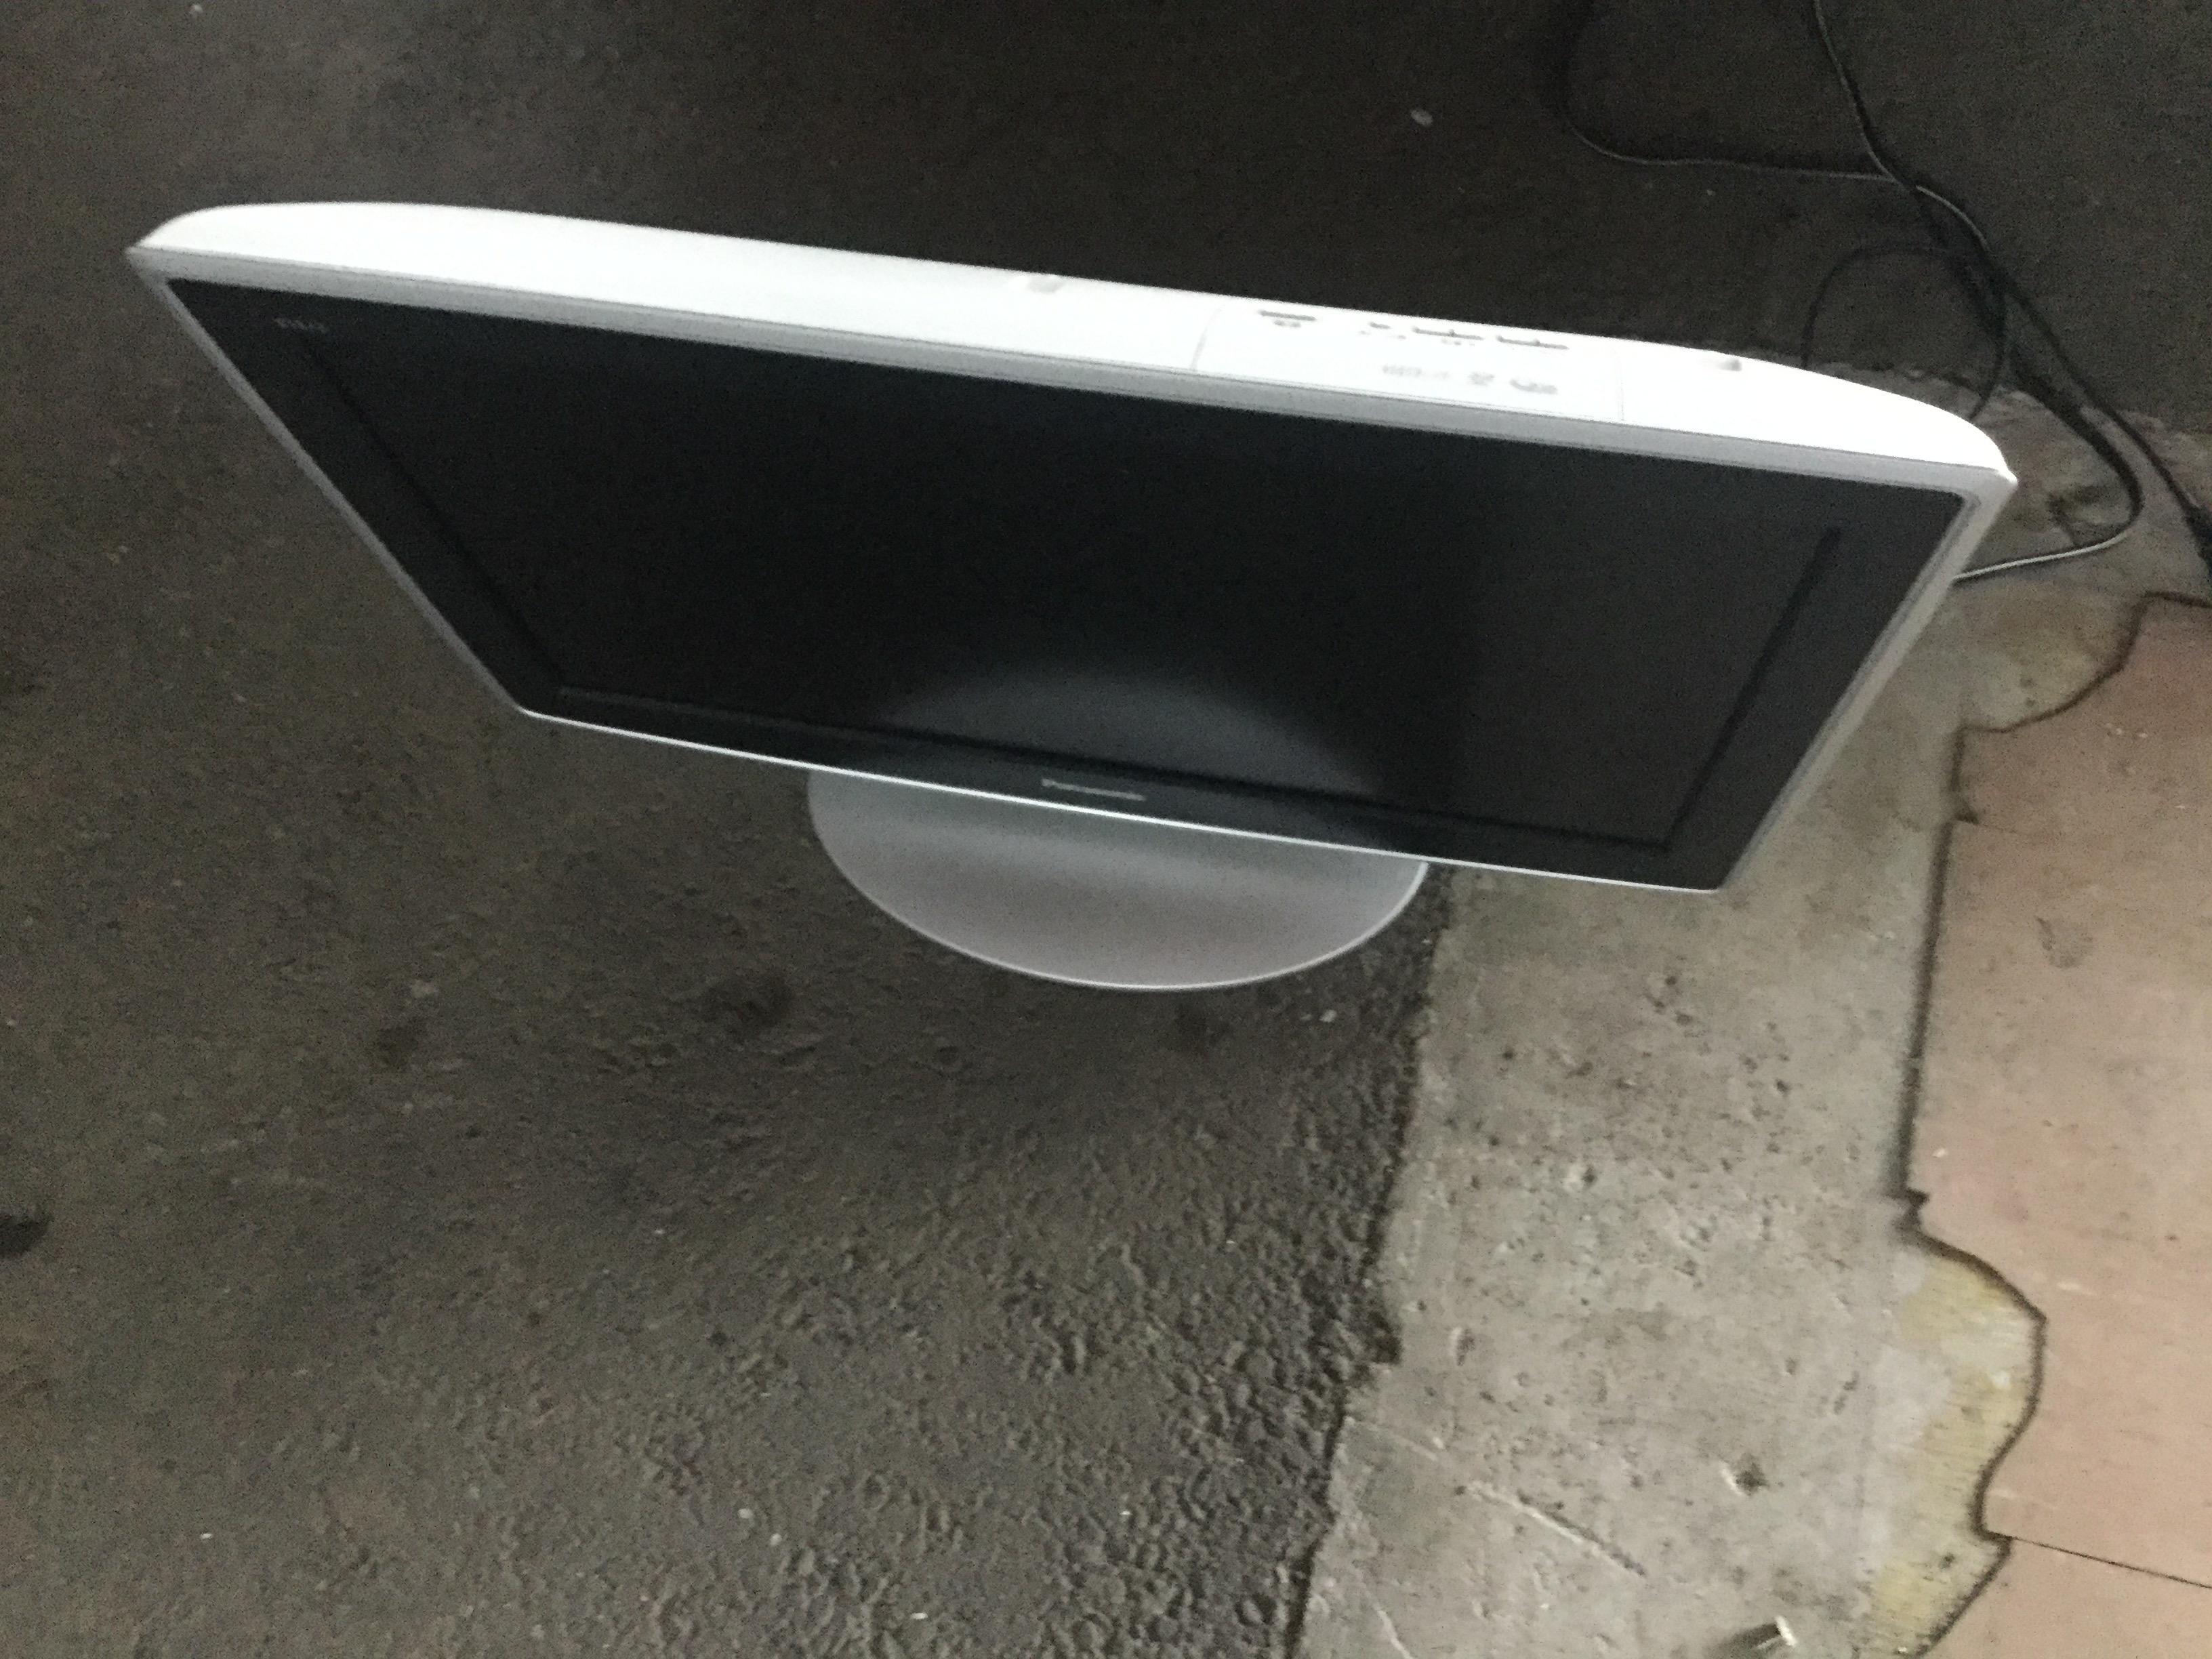 岡山市北区で不用品回収した液晶テレビ